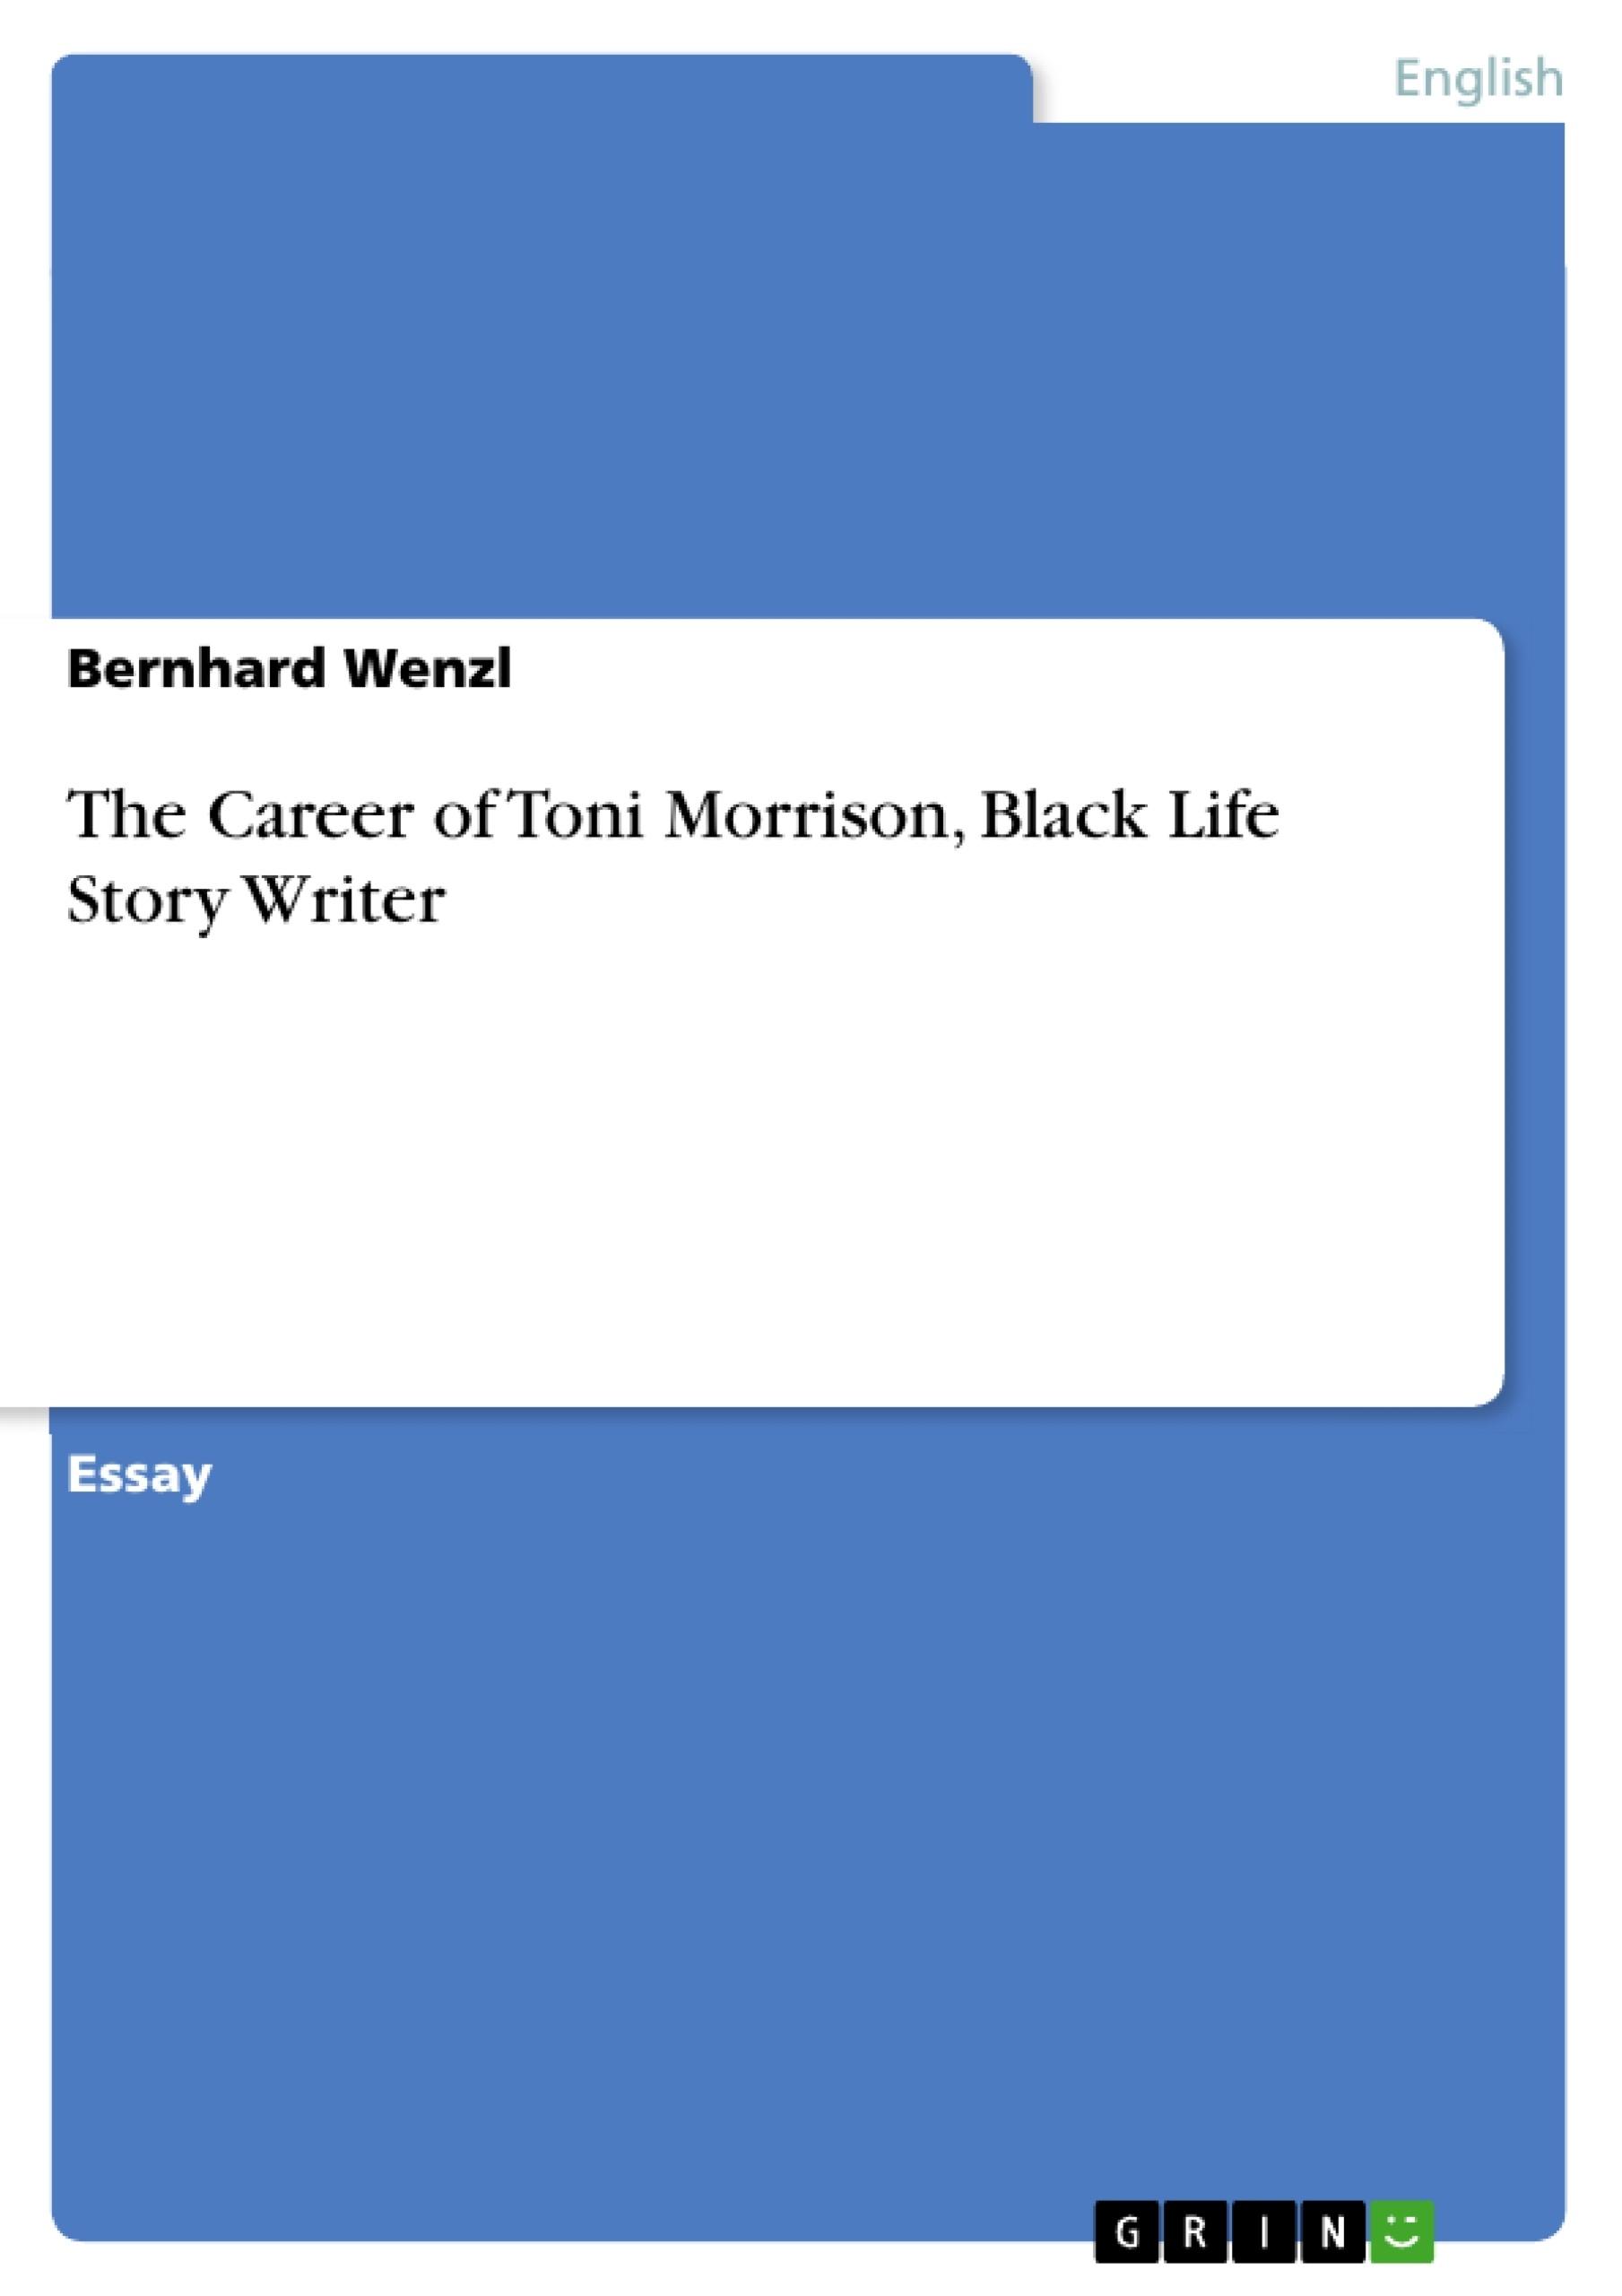 Title: The Career of Toni Morrison. Black Life Story Writer